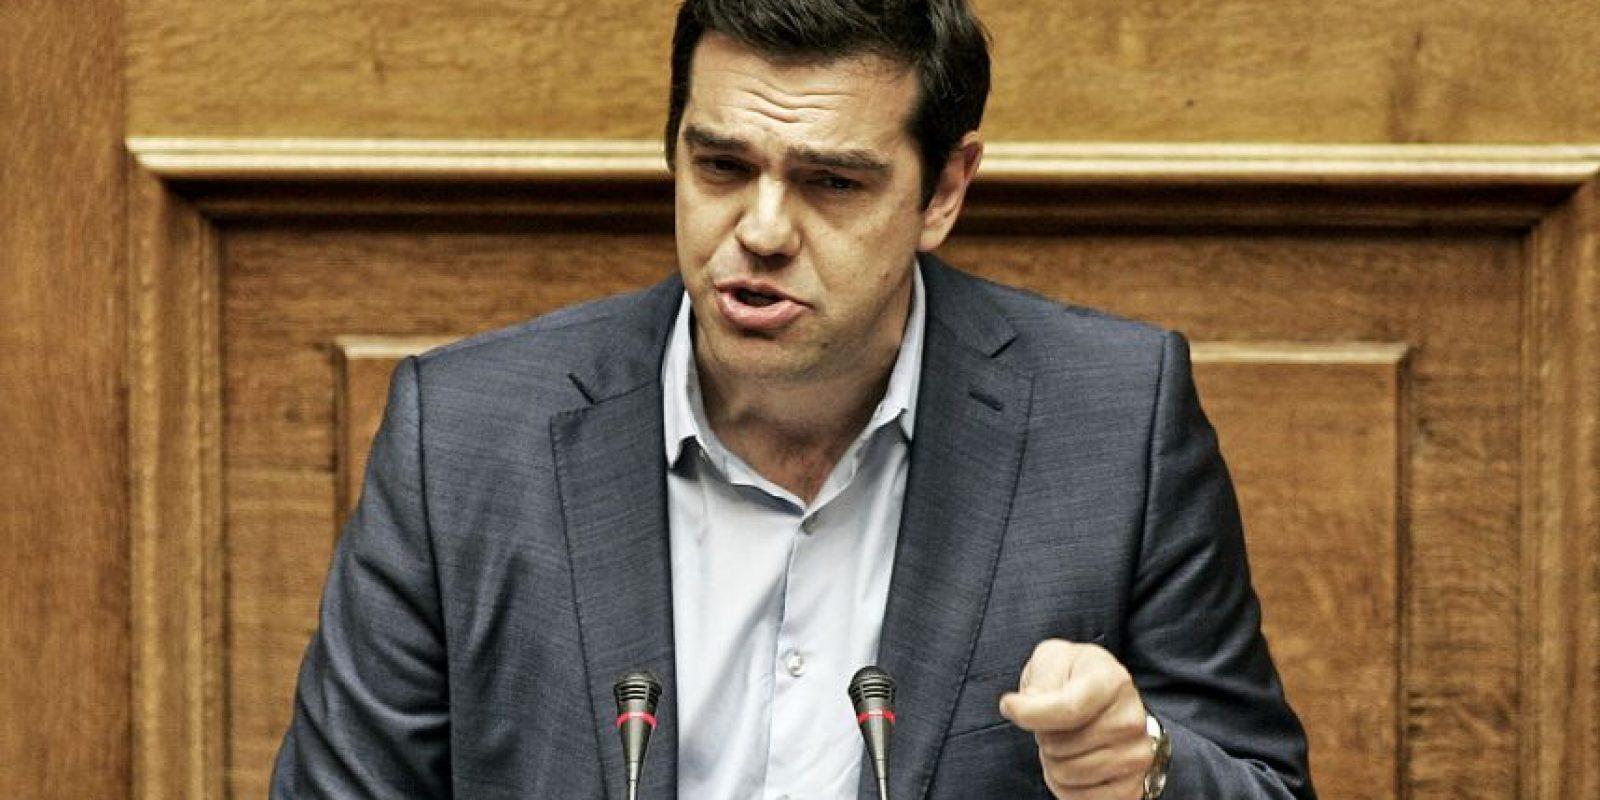 Se espera que haga el anuncio a las 19 horas de Grecia Foto:Getty Images